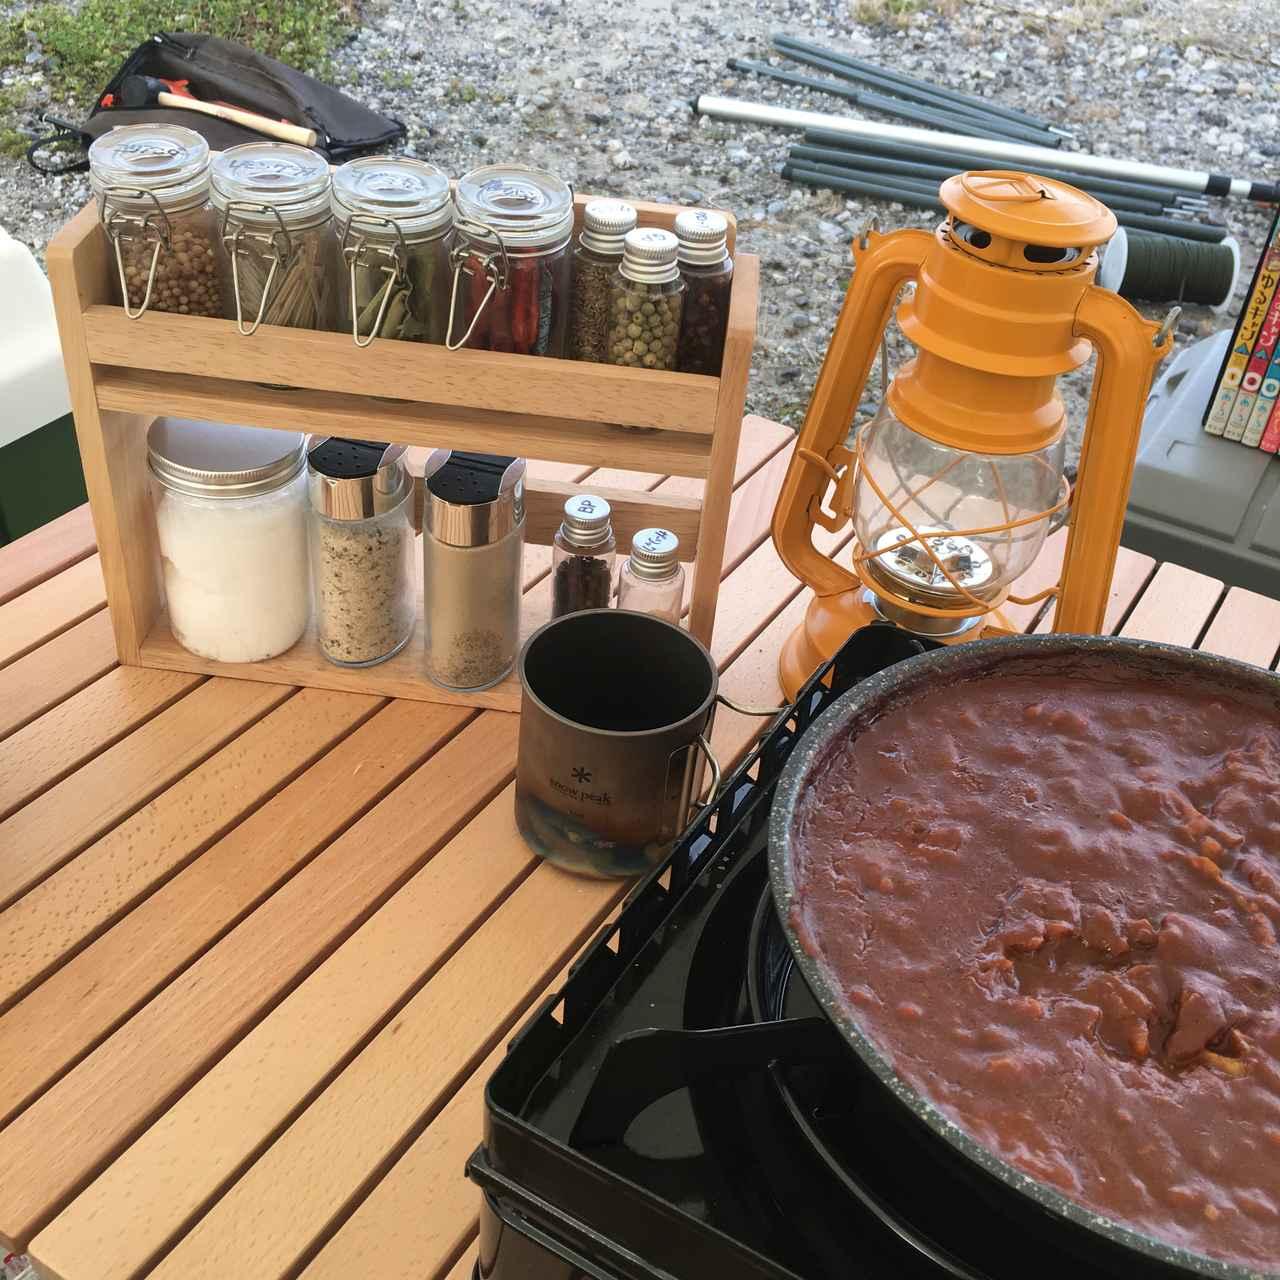 画像: 連泊キャンプの食事はどうする?  何食分必要なのかキャンプのスケジュールと合わせて考えよう